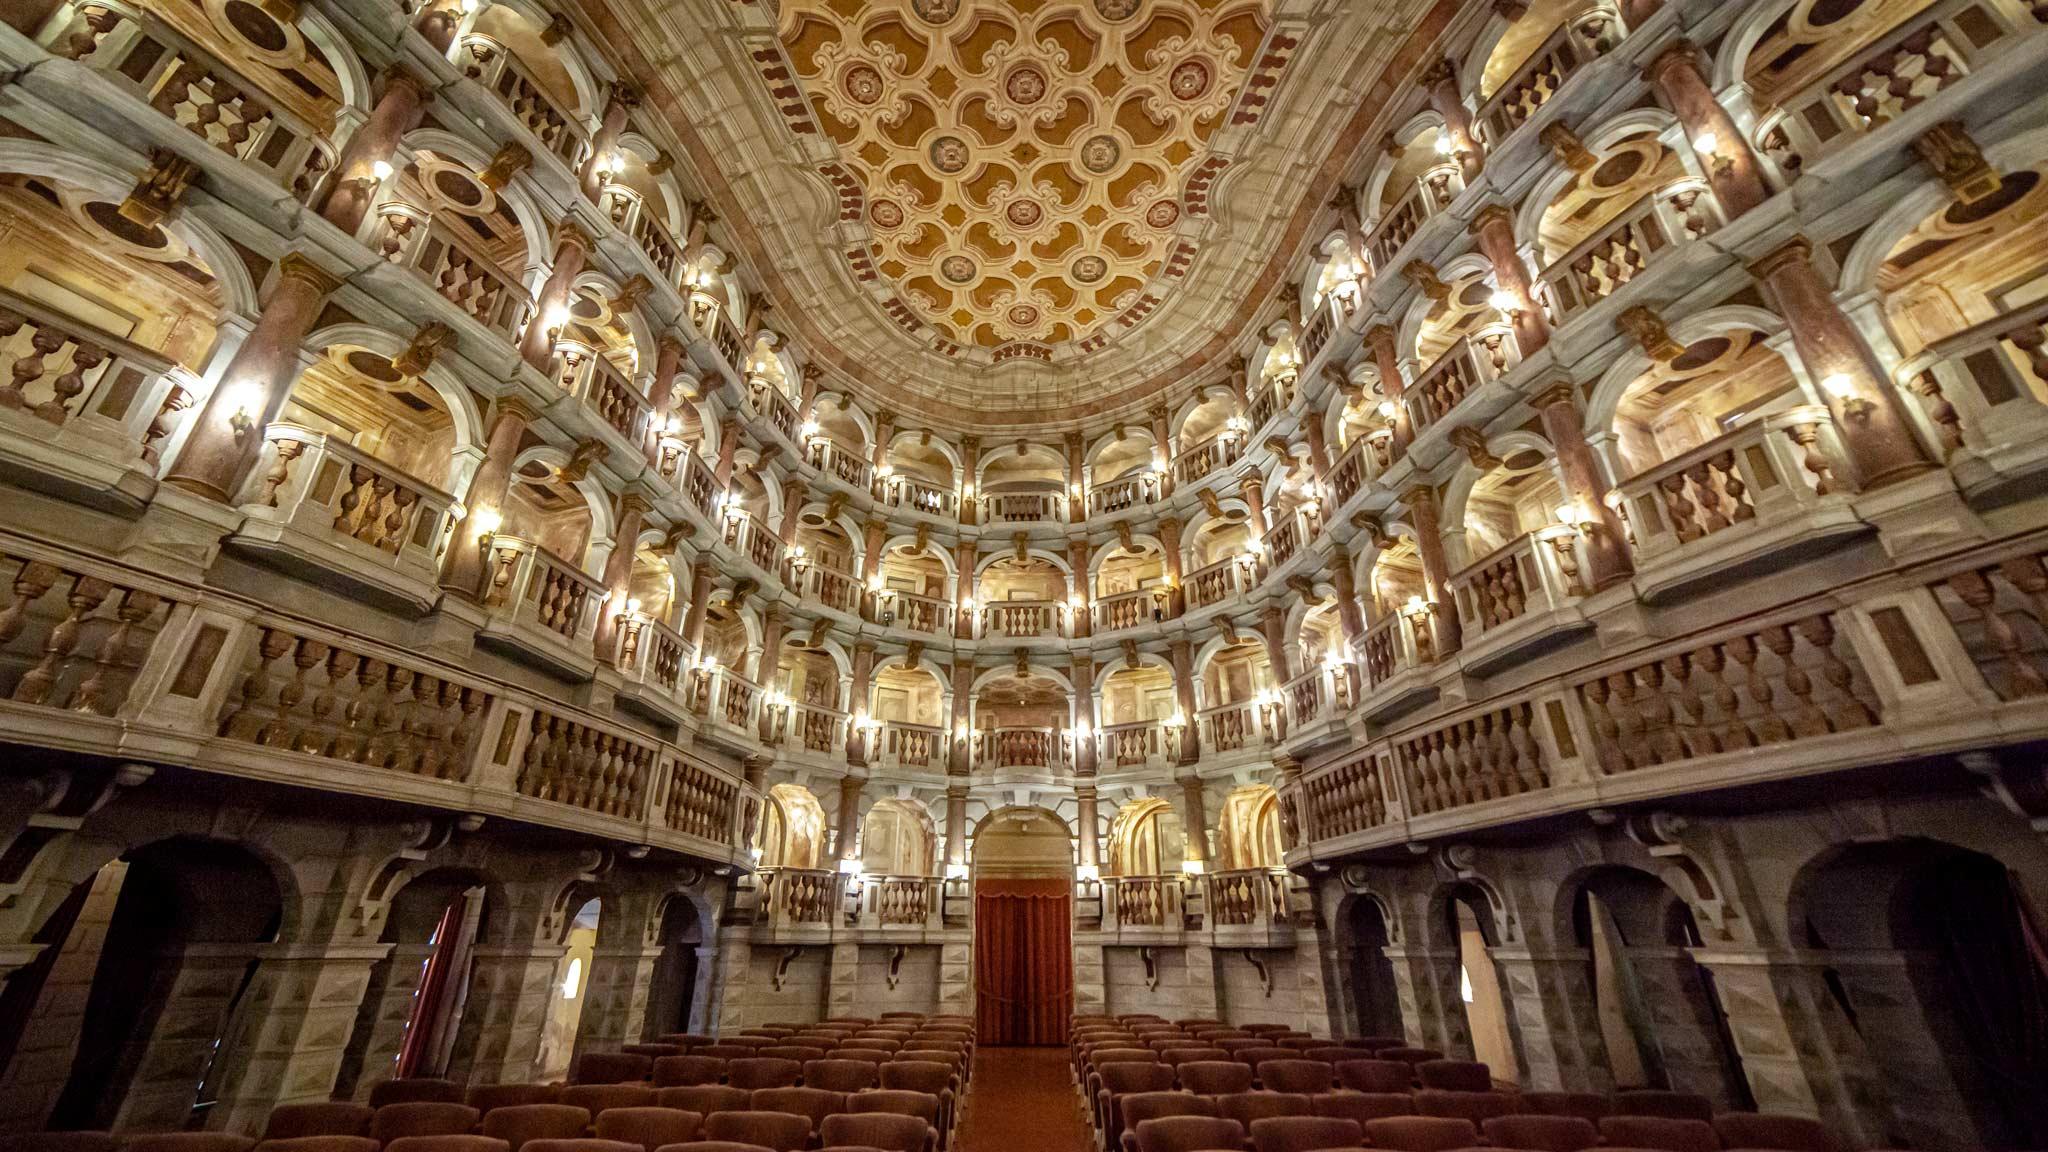 Un gran teatro, mirando desde el escenario a los taburetes y cajas en Mantua